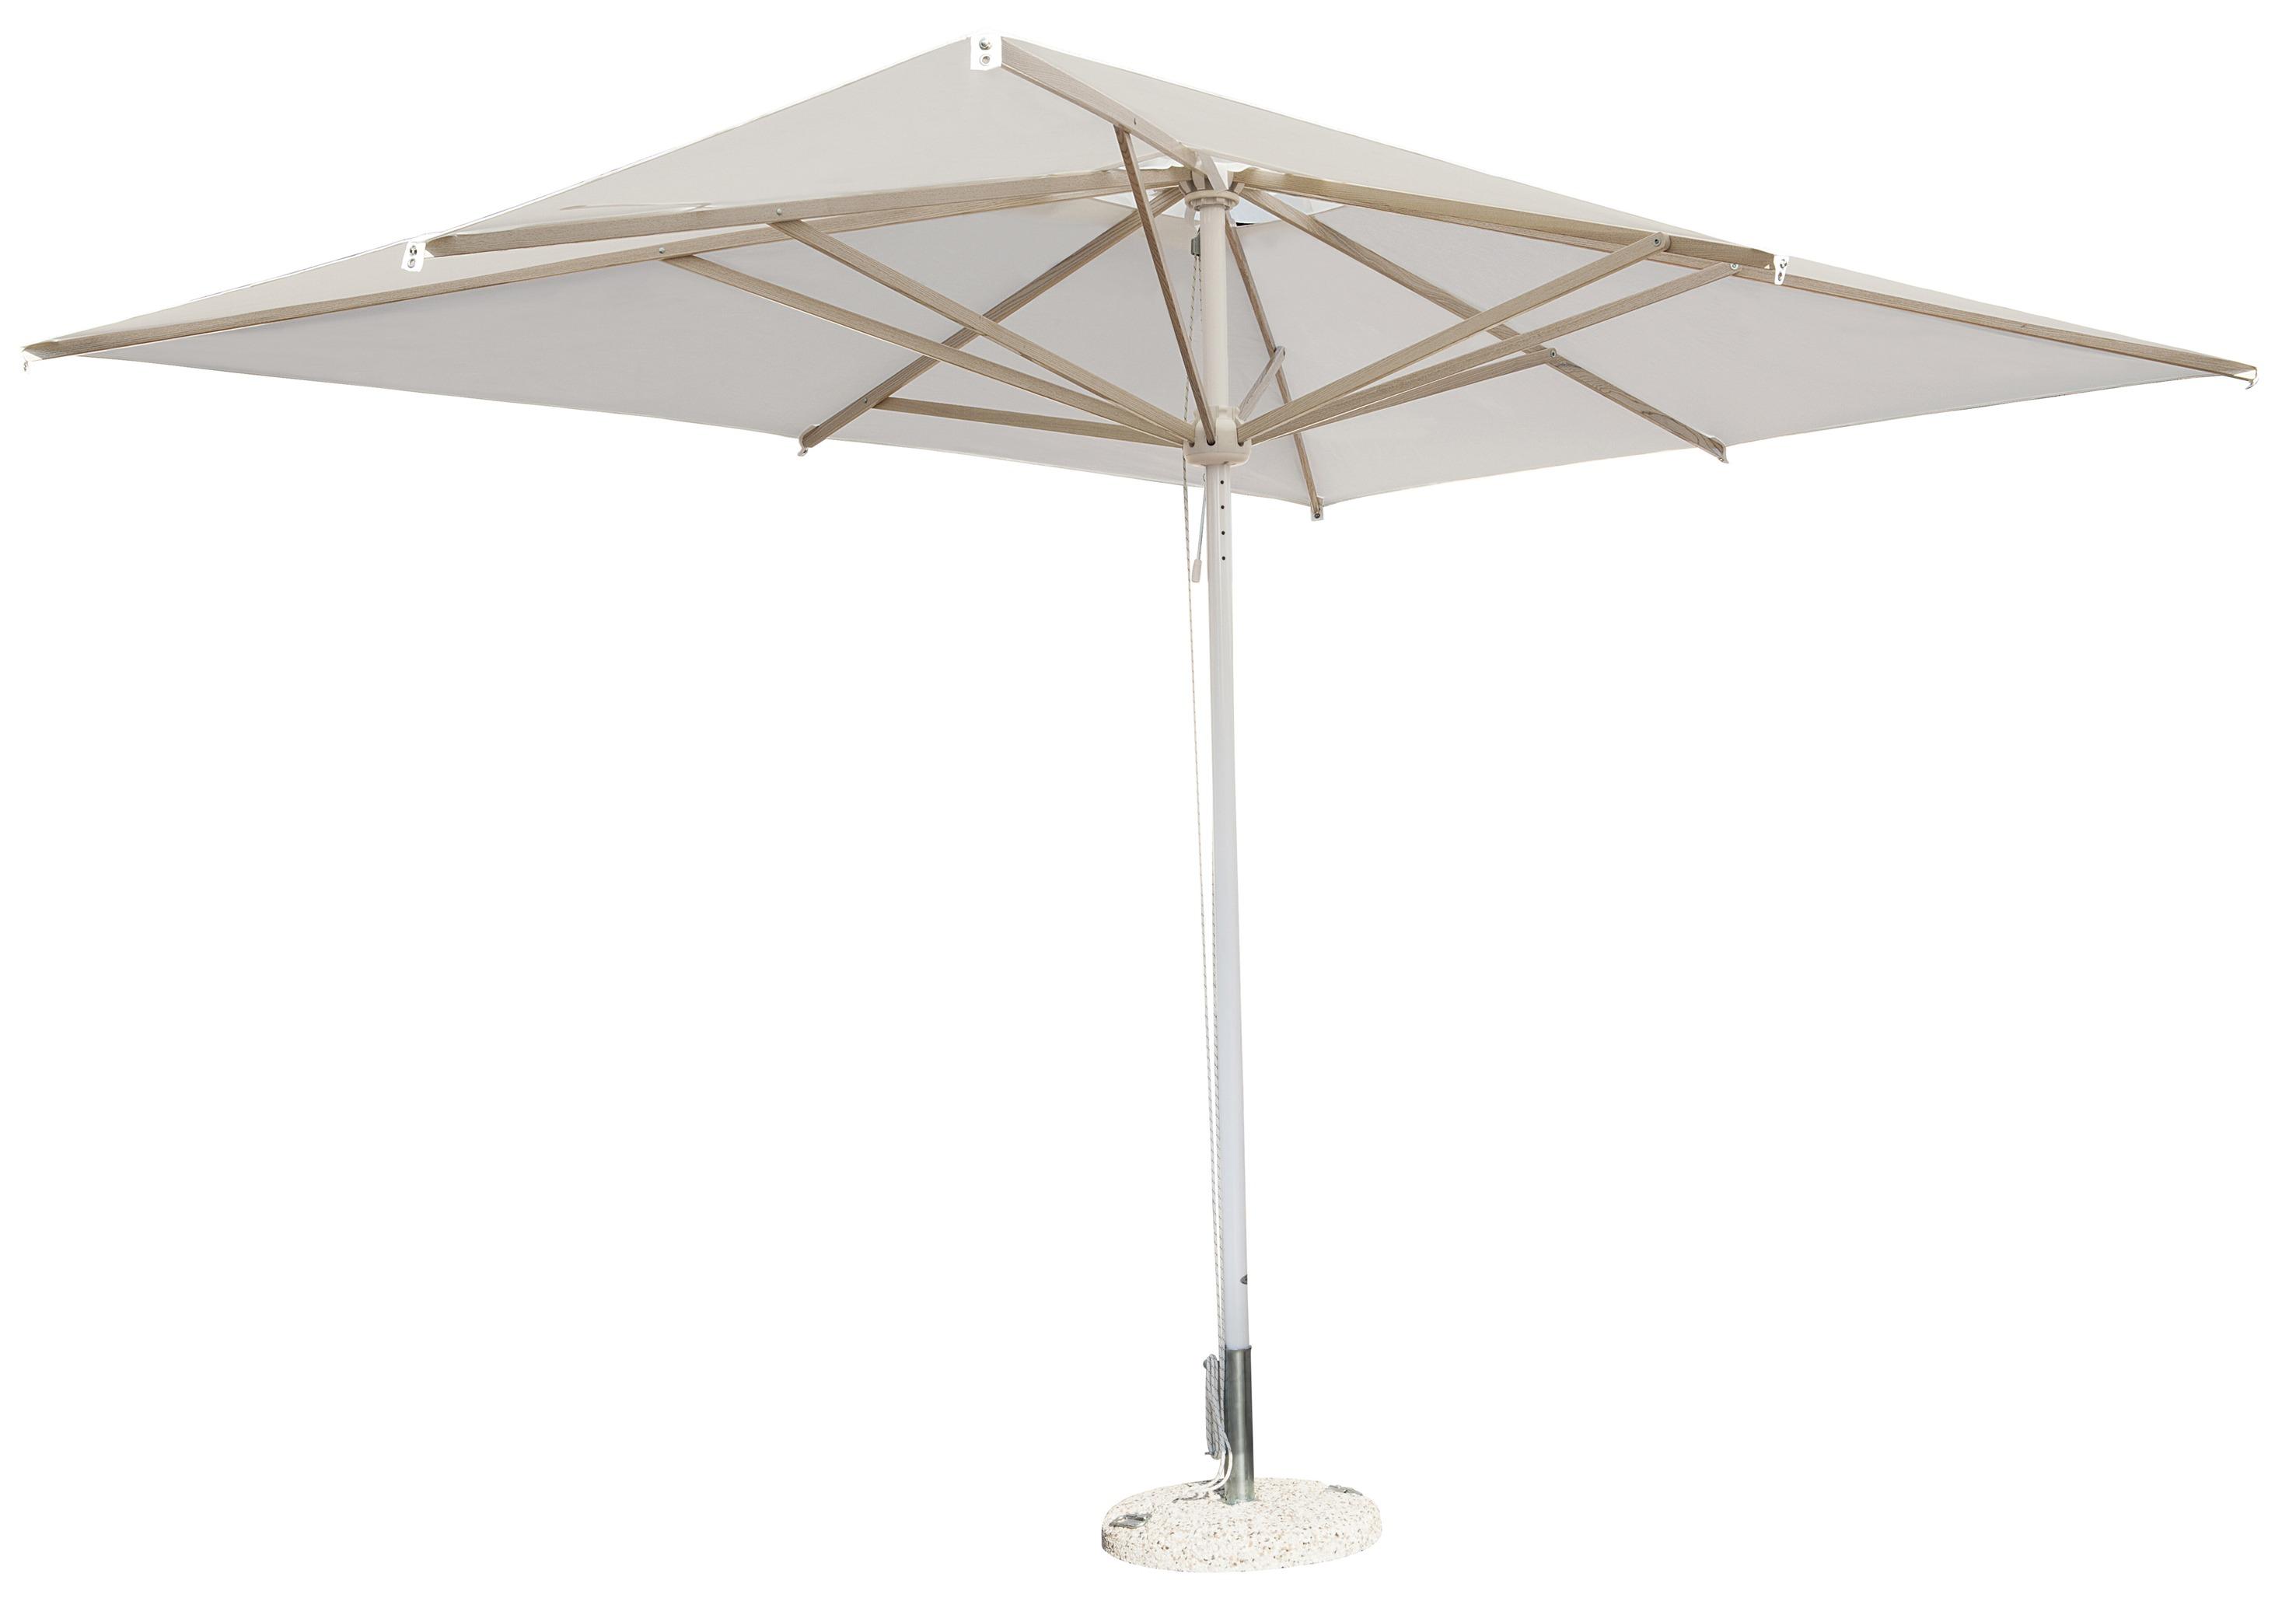 ombrelloni a palo centrale prezzi ombrelloni da giardino. Black Bedroom Furniture Sets. Home Design Ideas